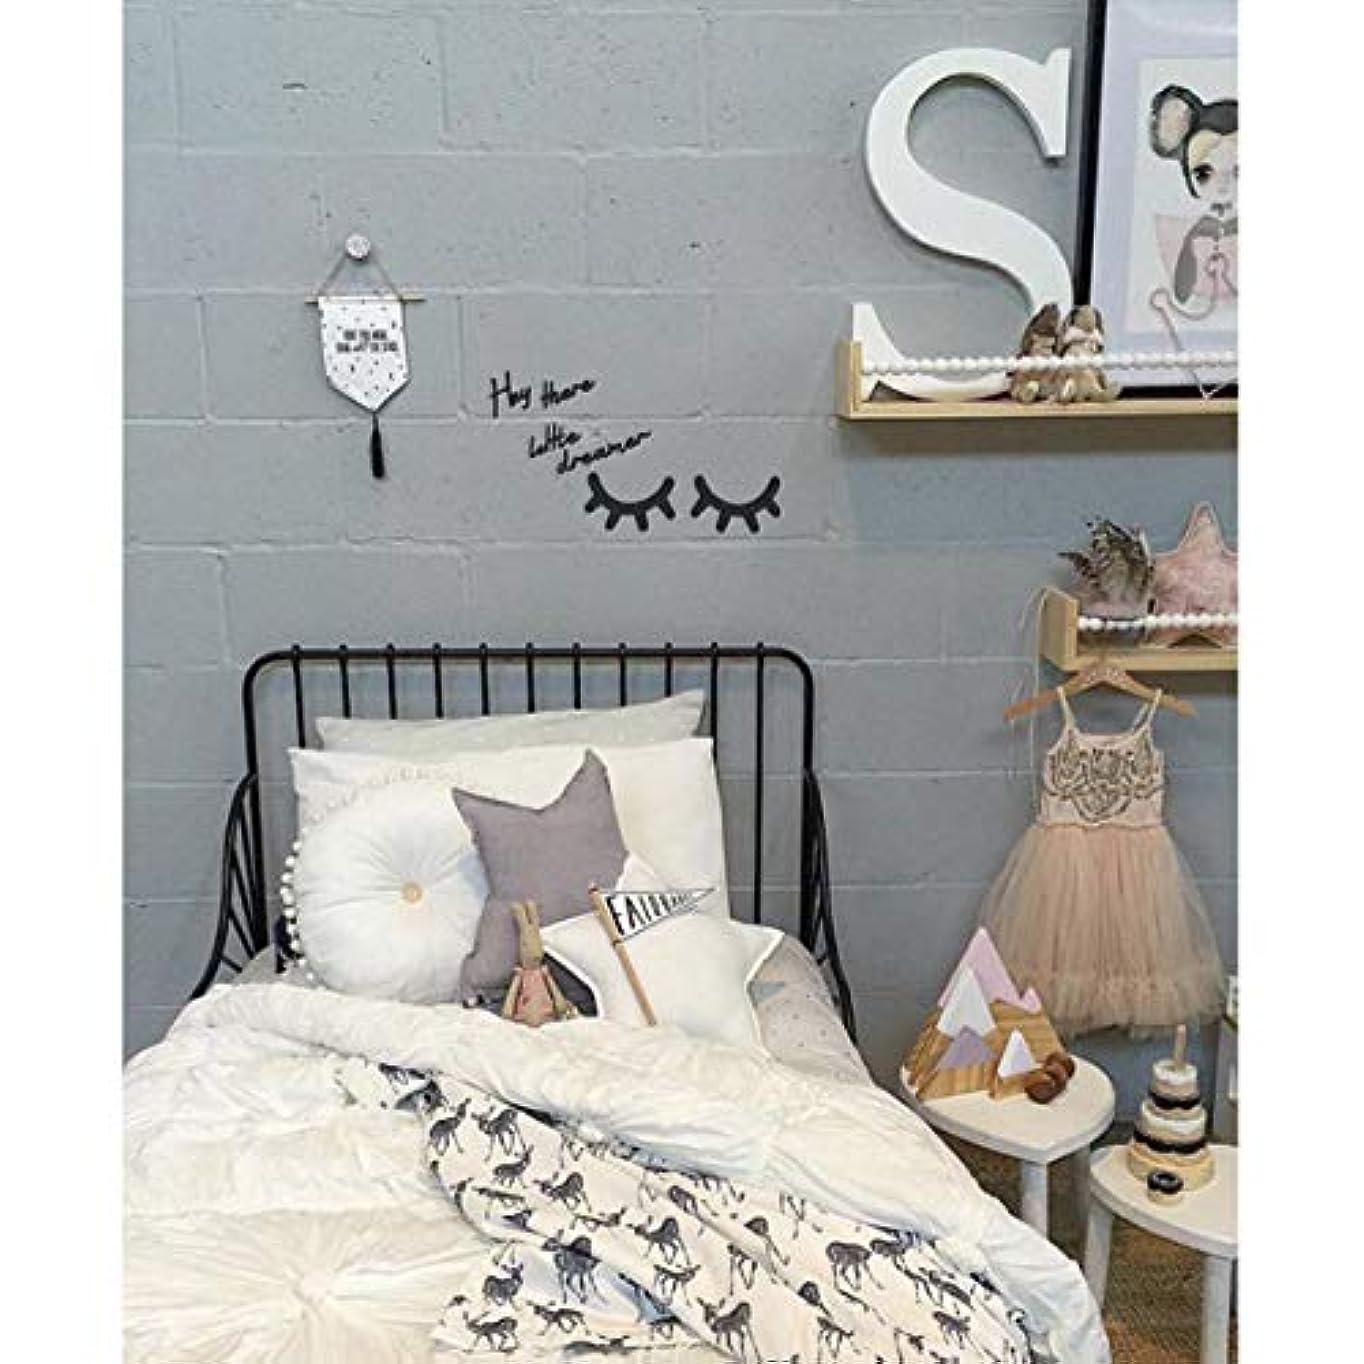 休暇あいまい信じられないVosarea キラキラ木製まつげパターンウォールステッカー用キッズパーティー寝室の背景部屋の装飾diyまつげパターンウォールステッカーブラック